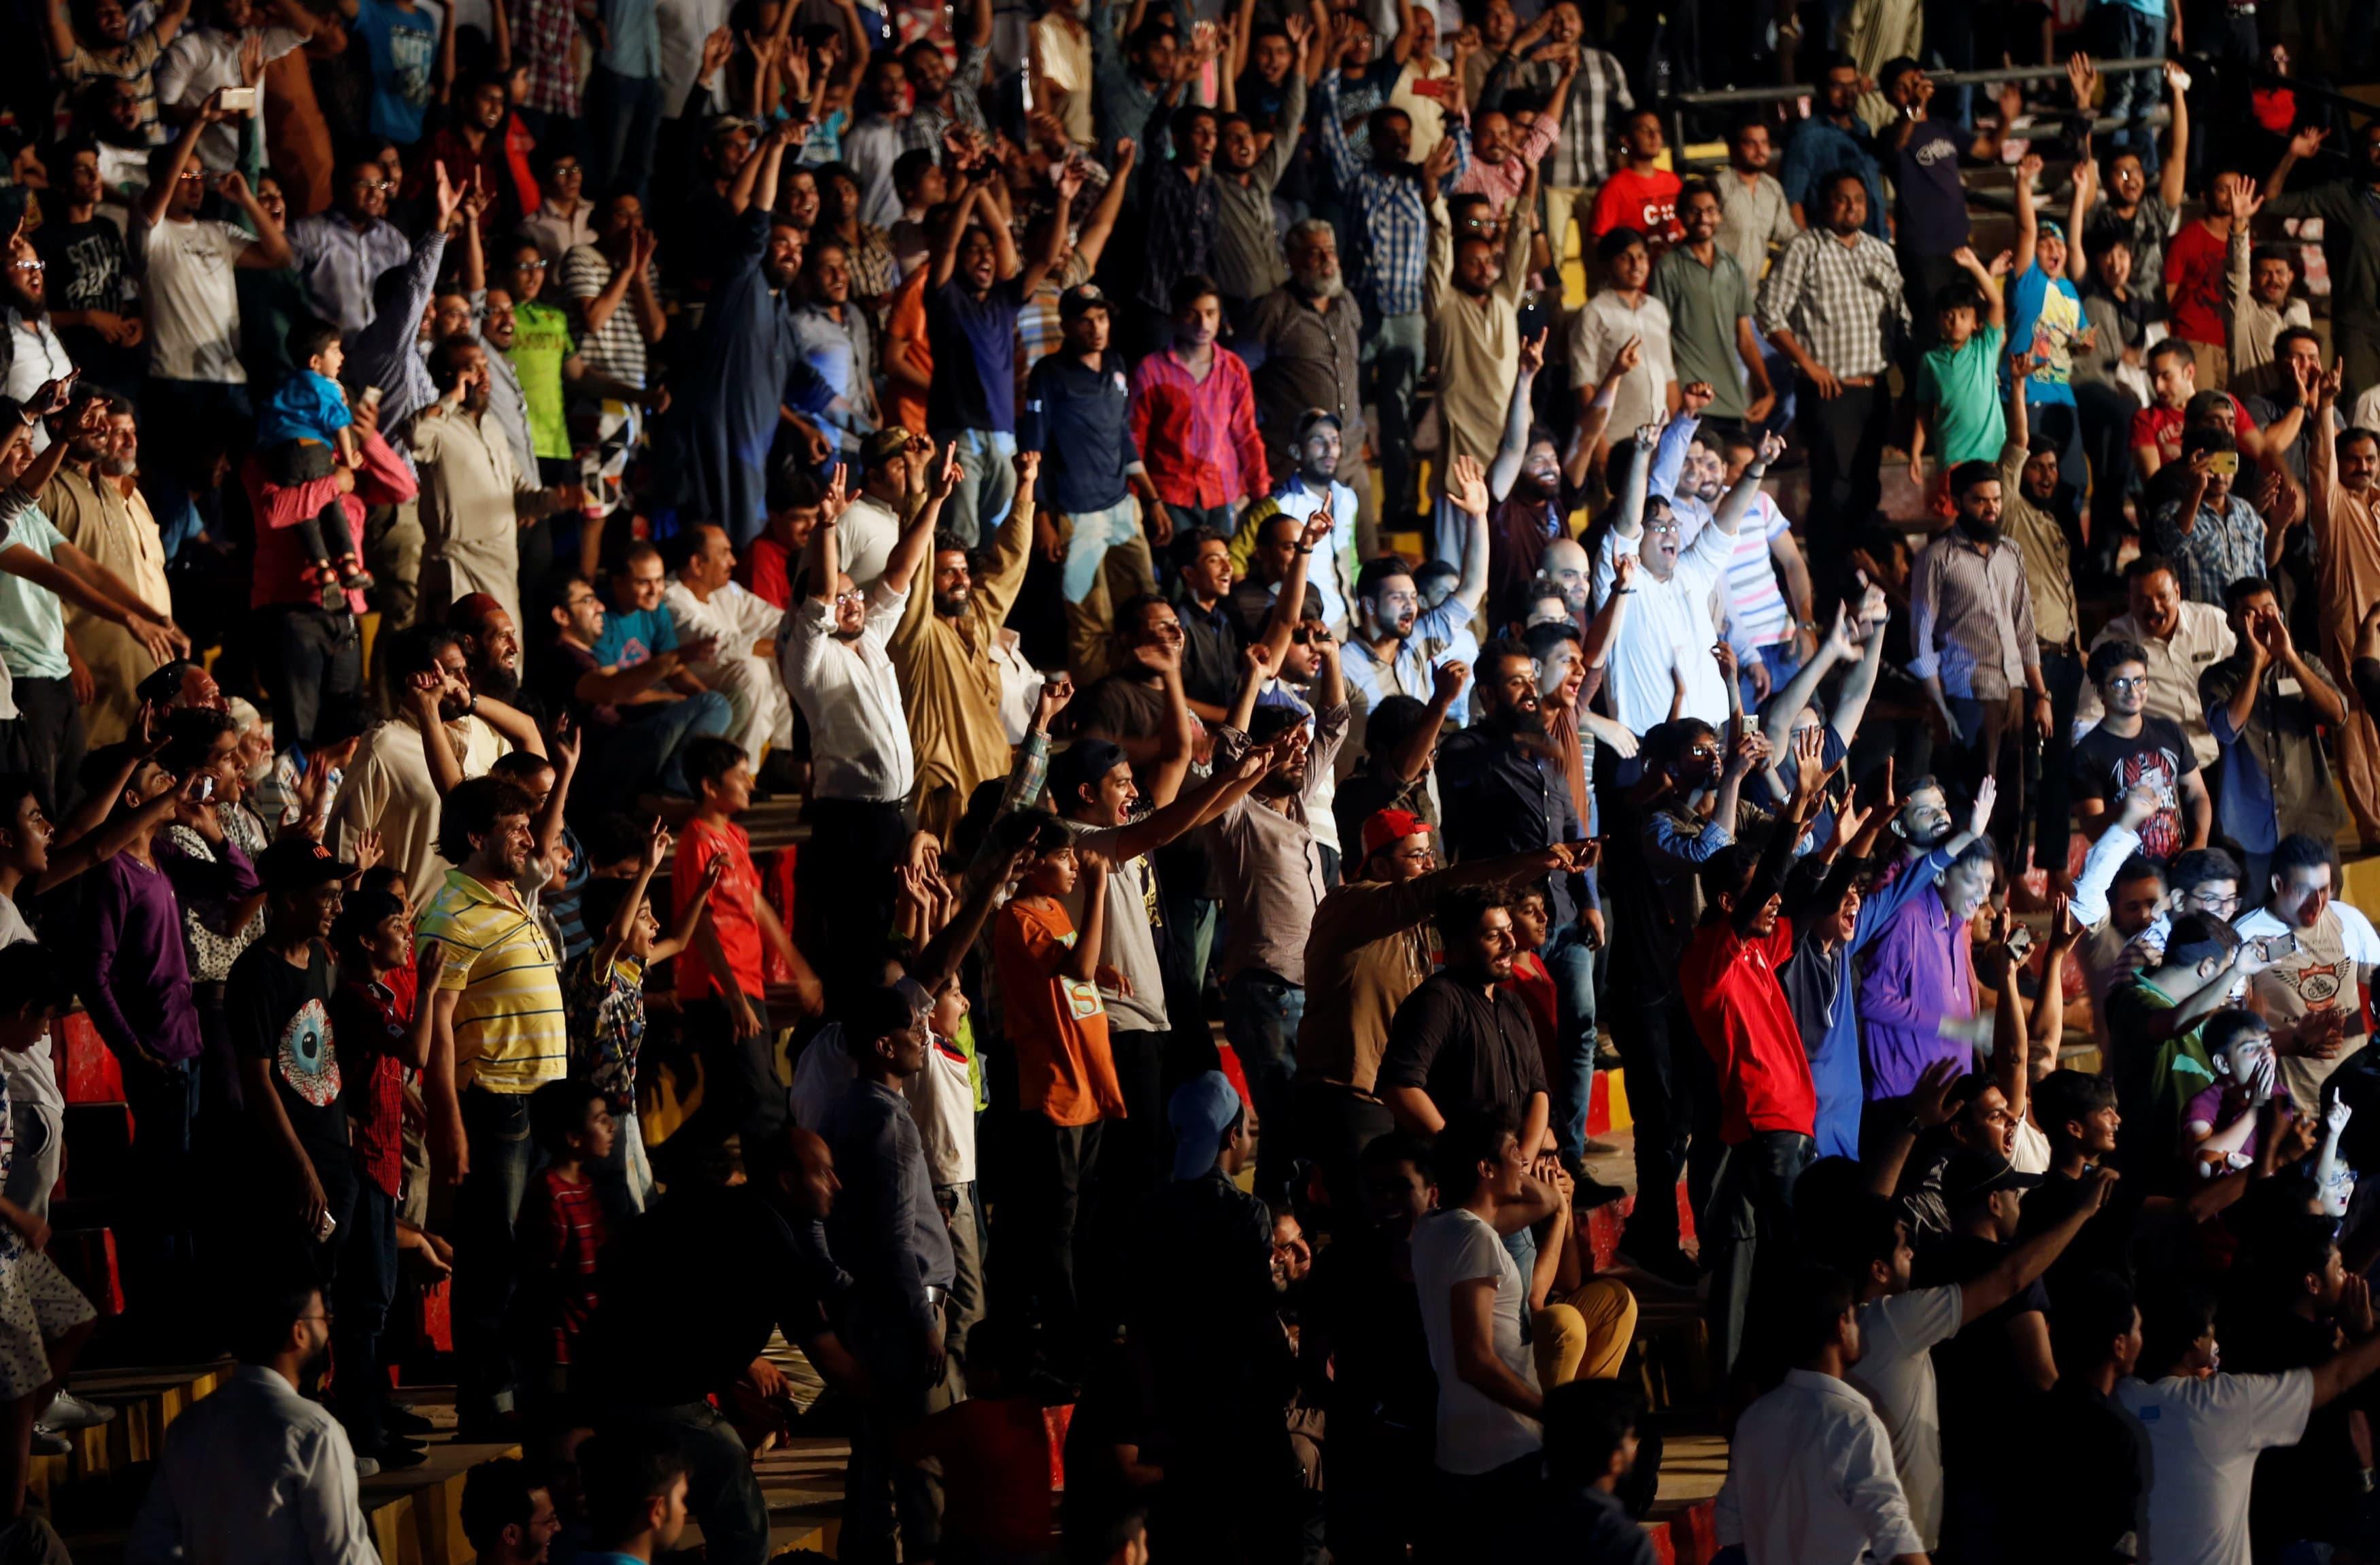 ریسلنگ کے پرستار پاکستانی ناظرین کا کراچی میں شو کے دوران جوش و خروش